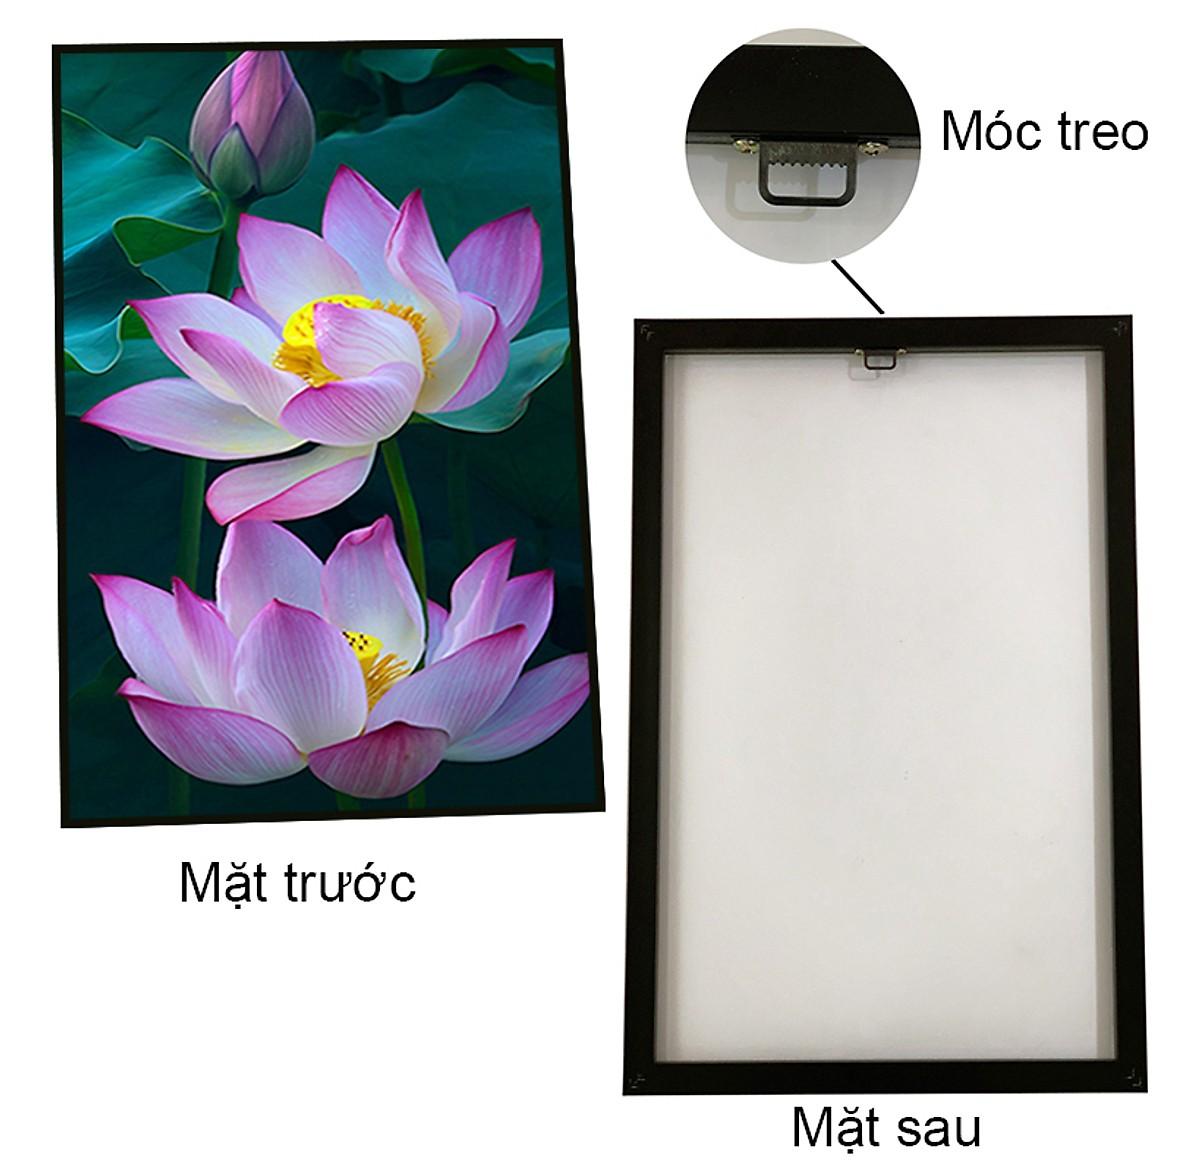 Tranh canvas kim tuyến - Hoa sen hồng nền đen trắng CA197 - công nghệ in uv hiện đại, thân thiện môi trường, khung đen